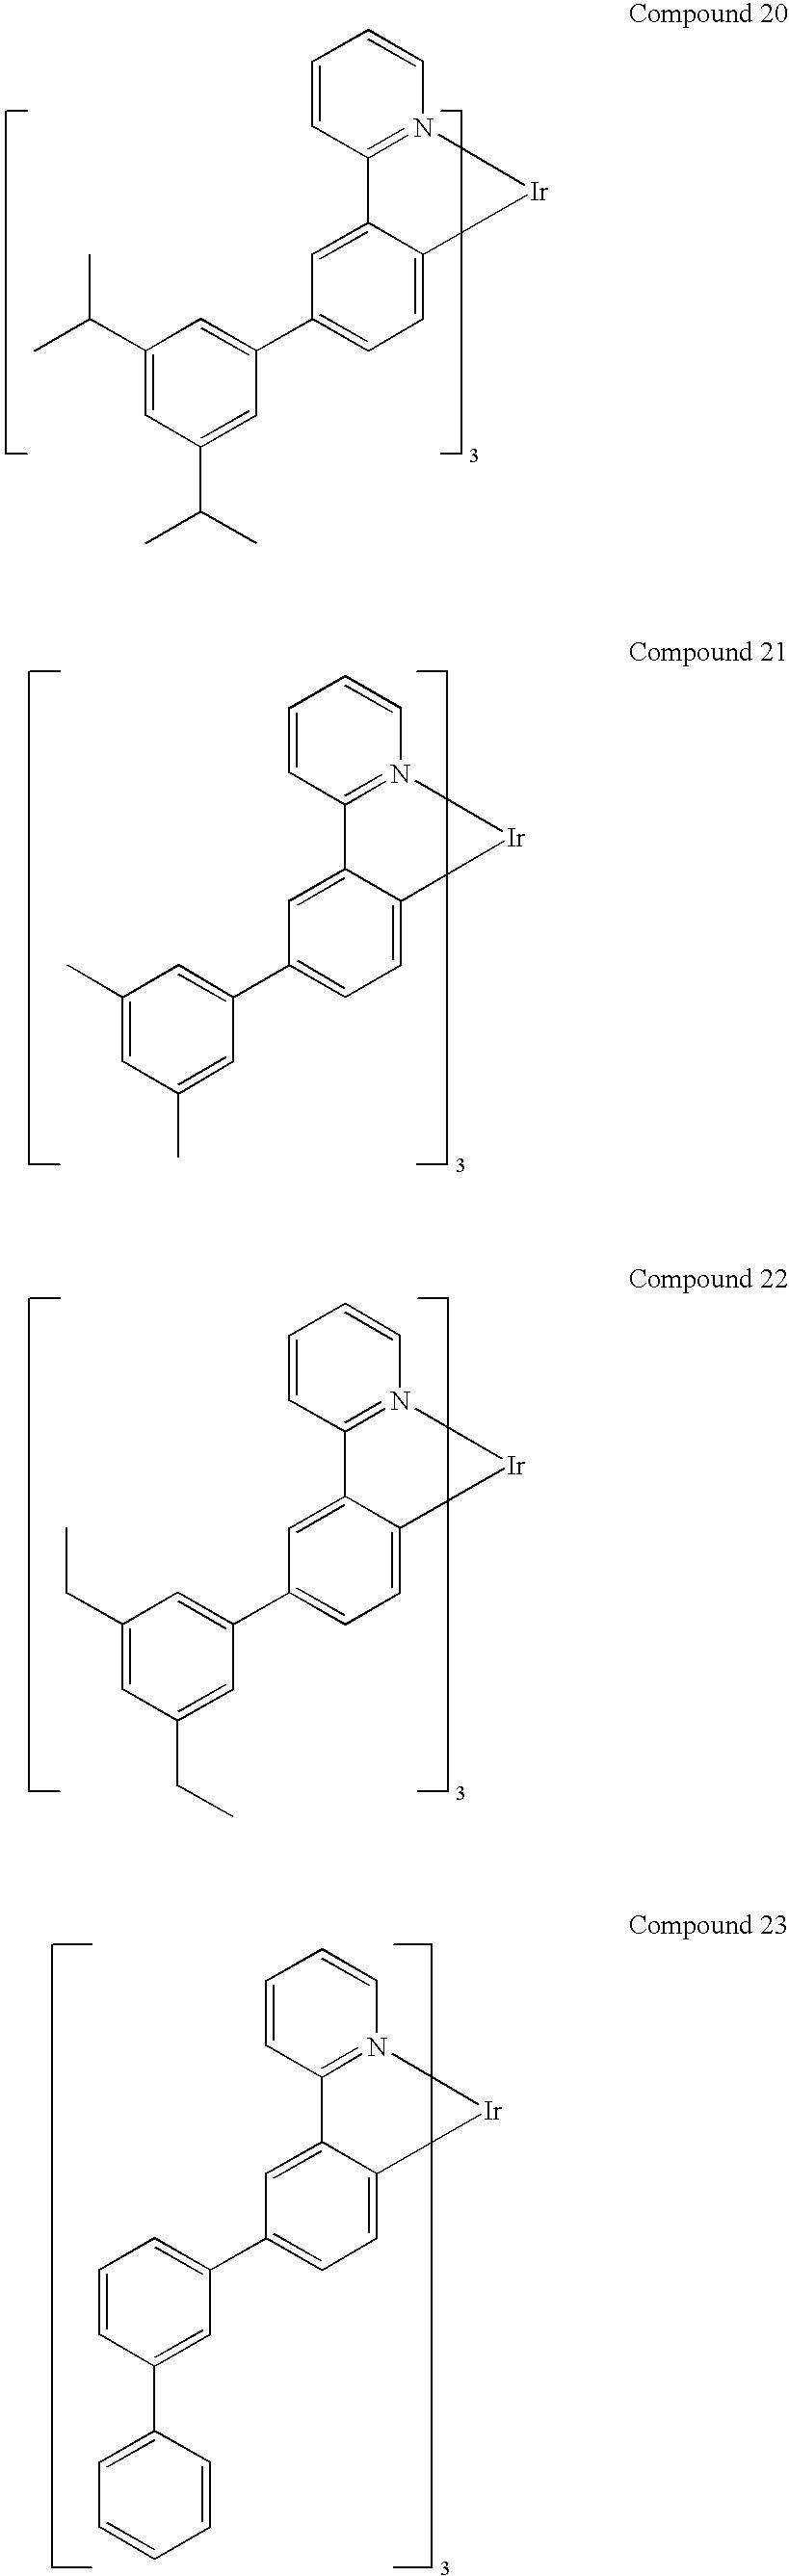 Figure US20090108737A1-20090430-C00032